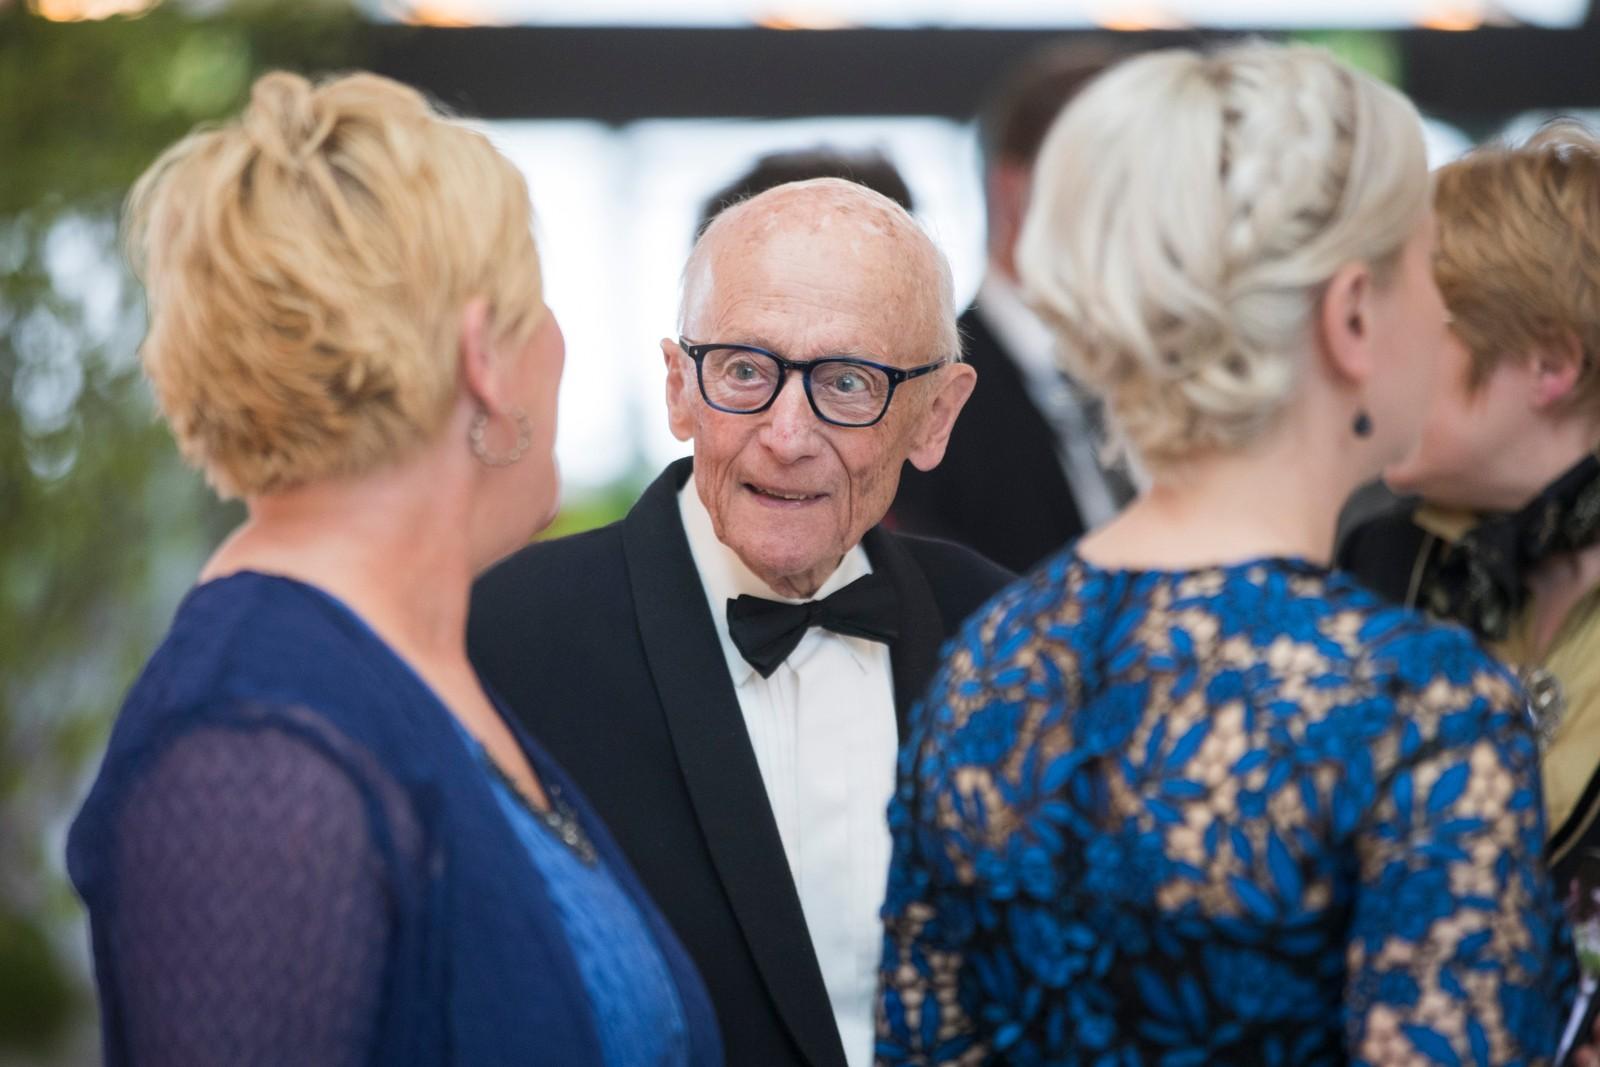 Tidligere statsminister Kåre Willoch i samtale med finansminister Siv Jensen (Frp) før regjeringens festmiddag for kongeparet i Operaen i anledning kongeparets 80-årsfeiring. POOL.